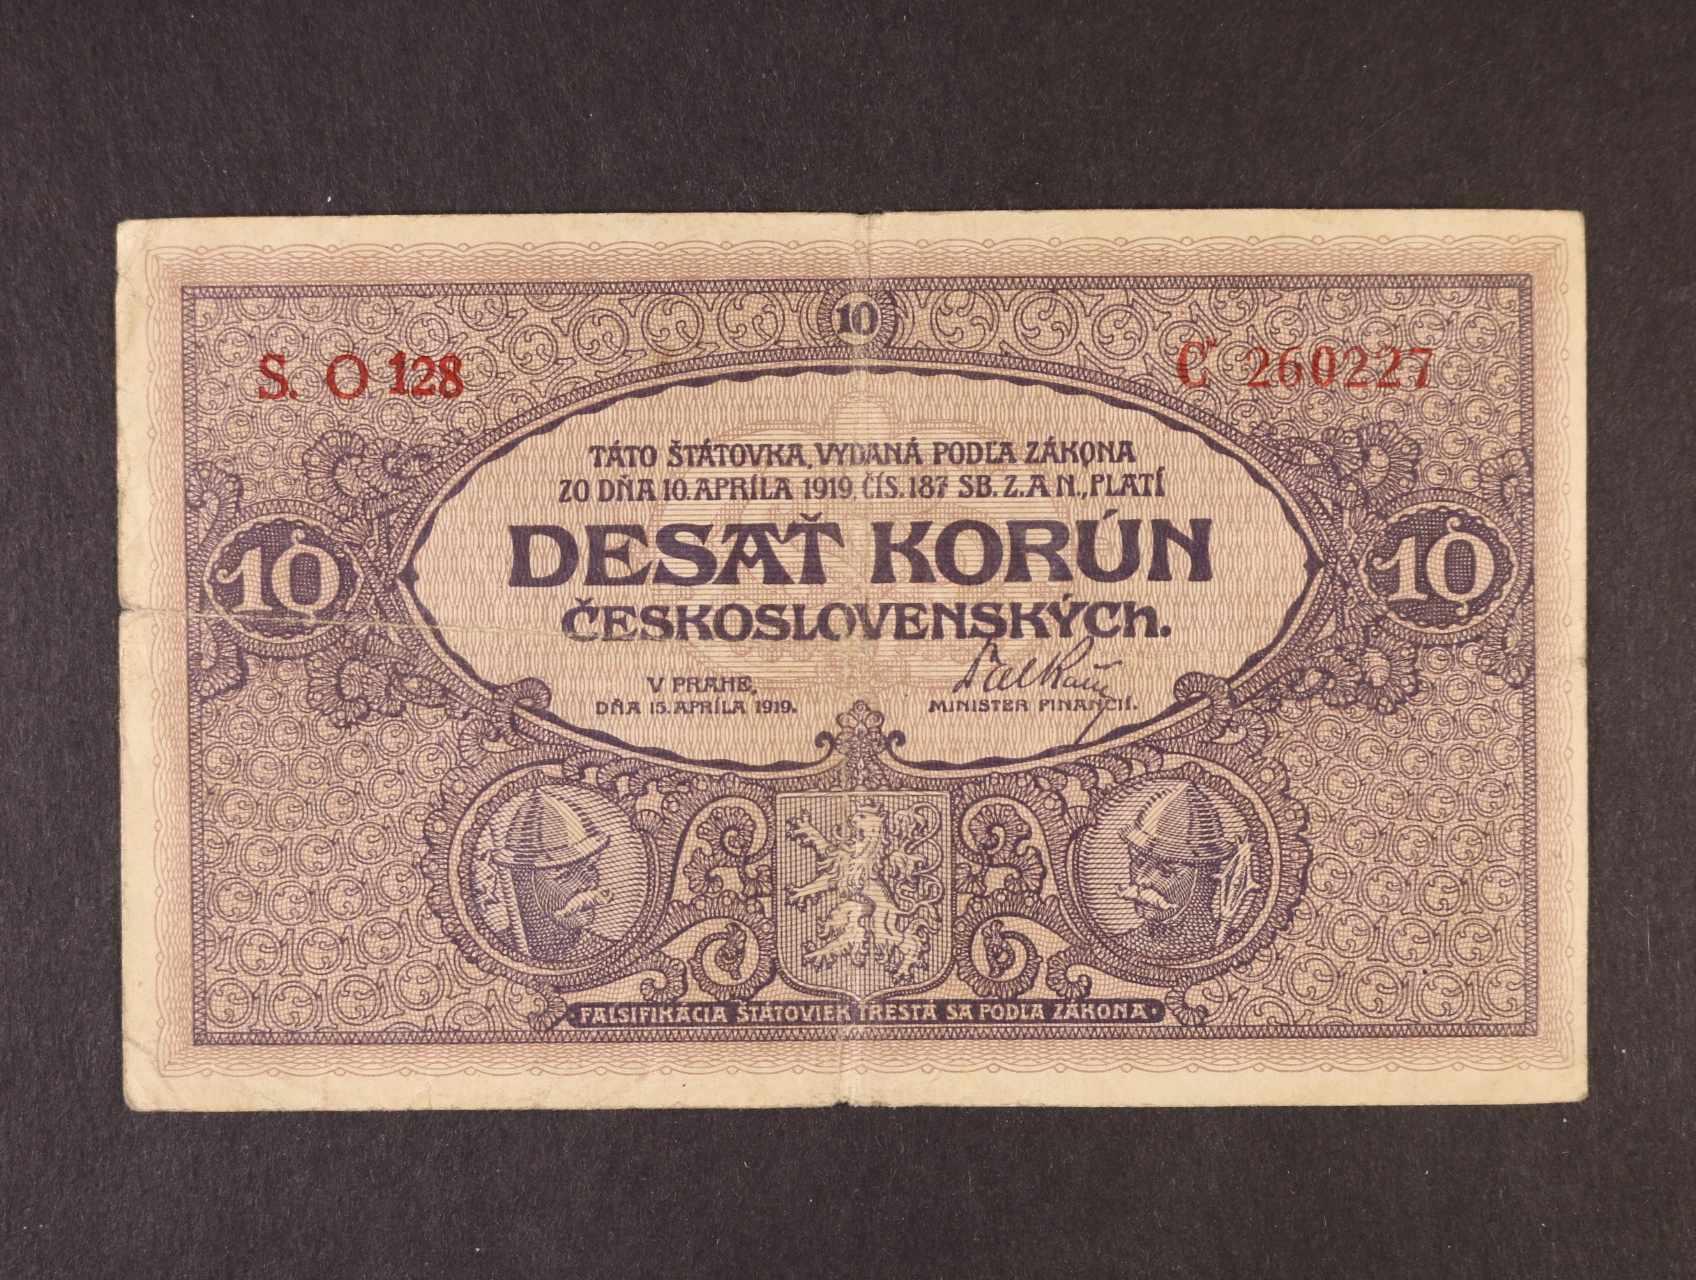 10 Kč 15.4.1919 série O 128, Ba. 9b, Pi. 8